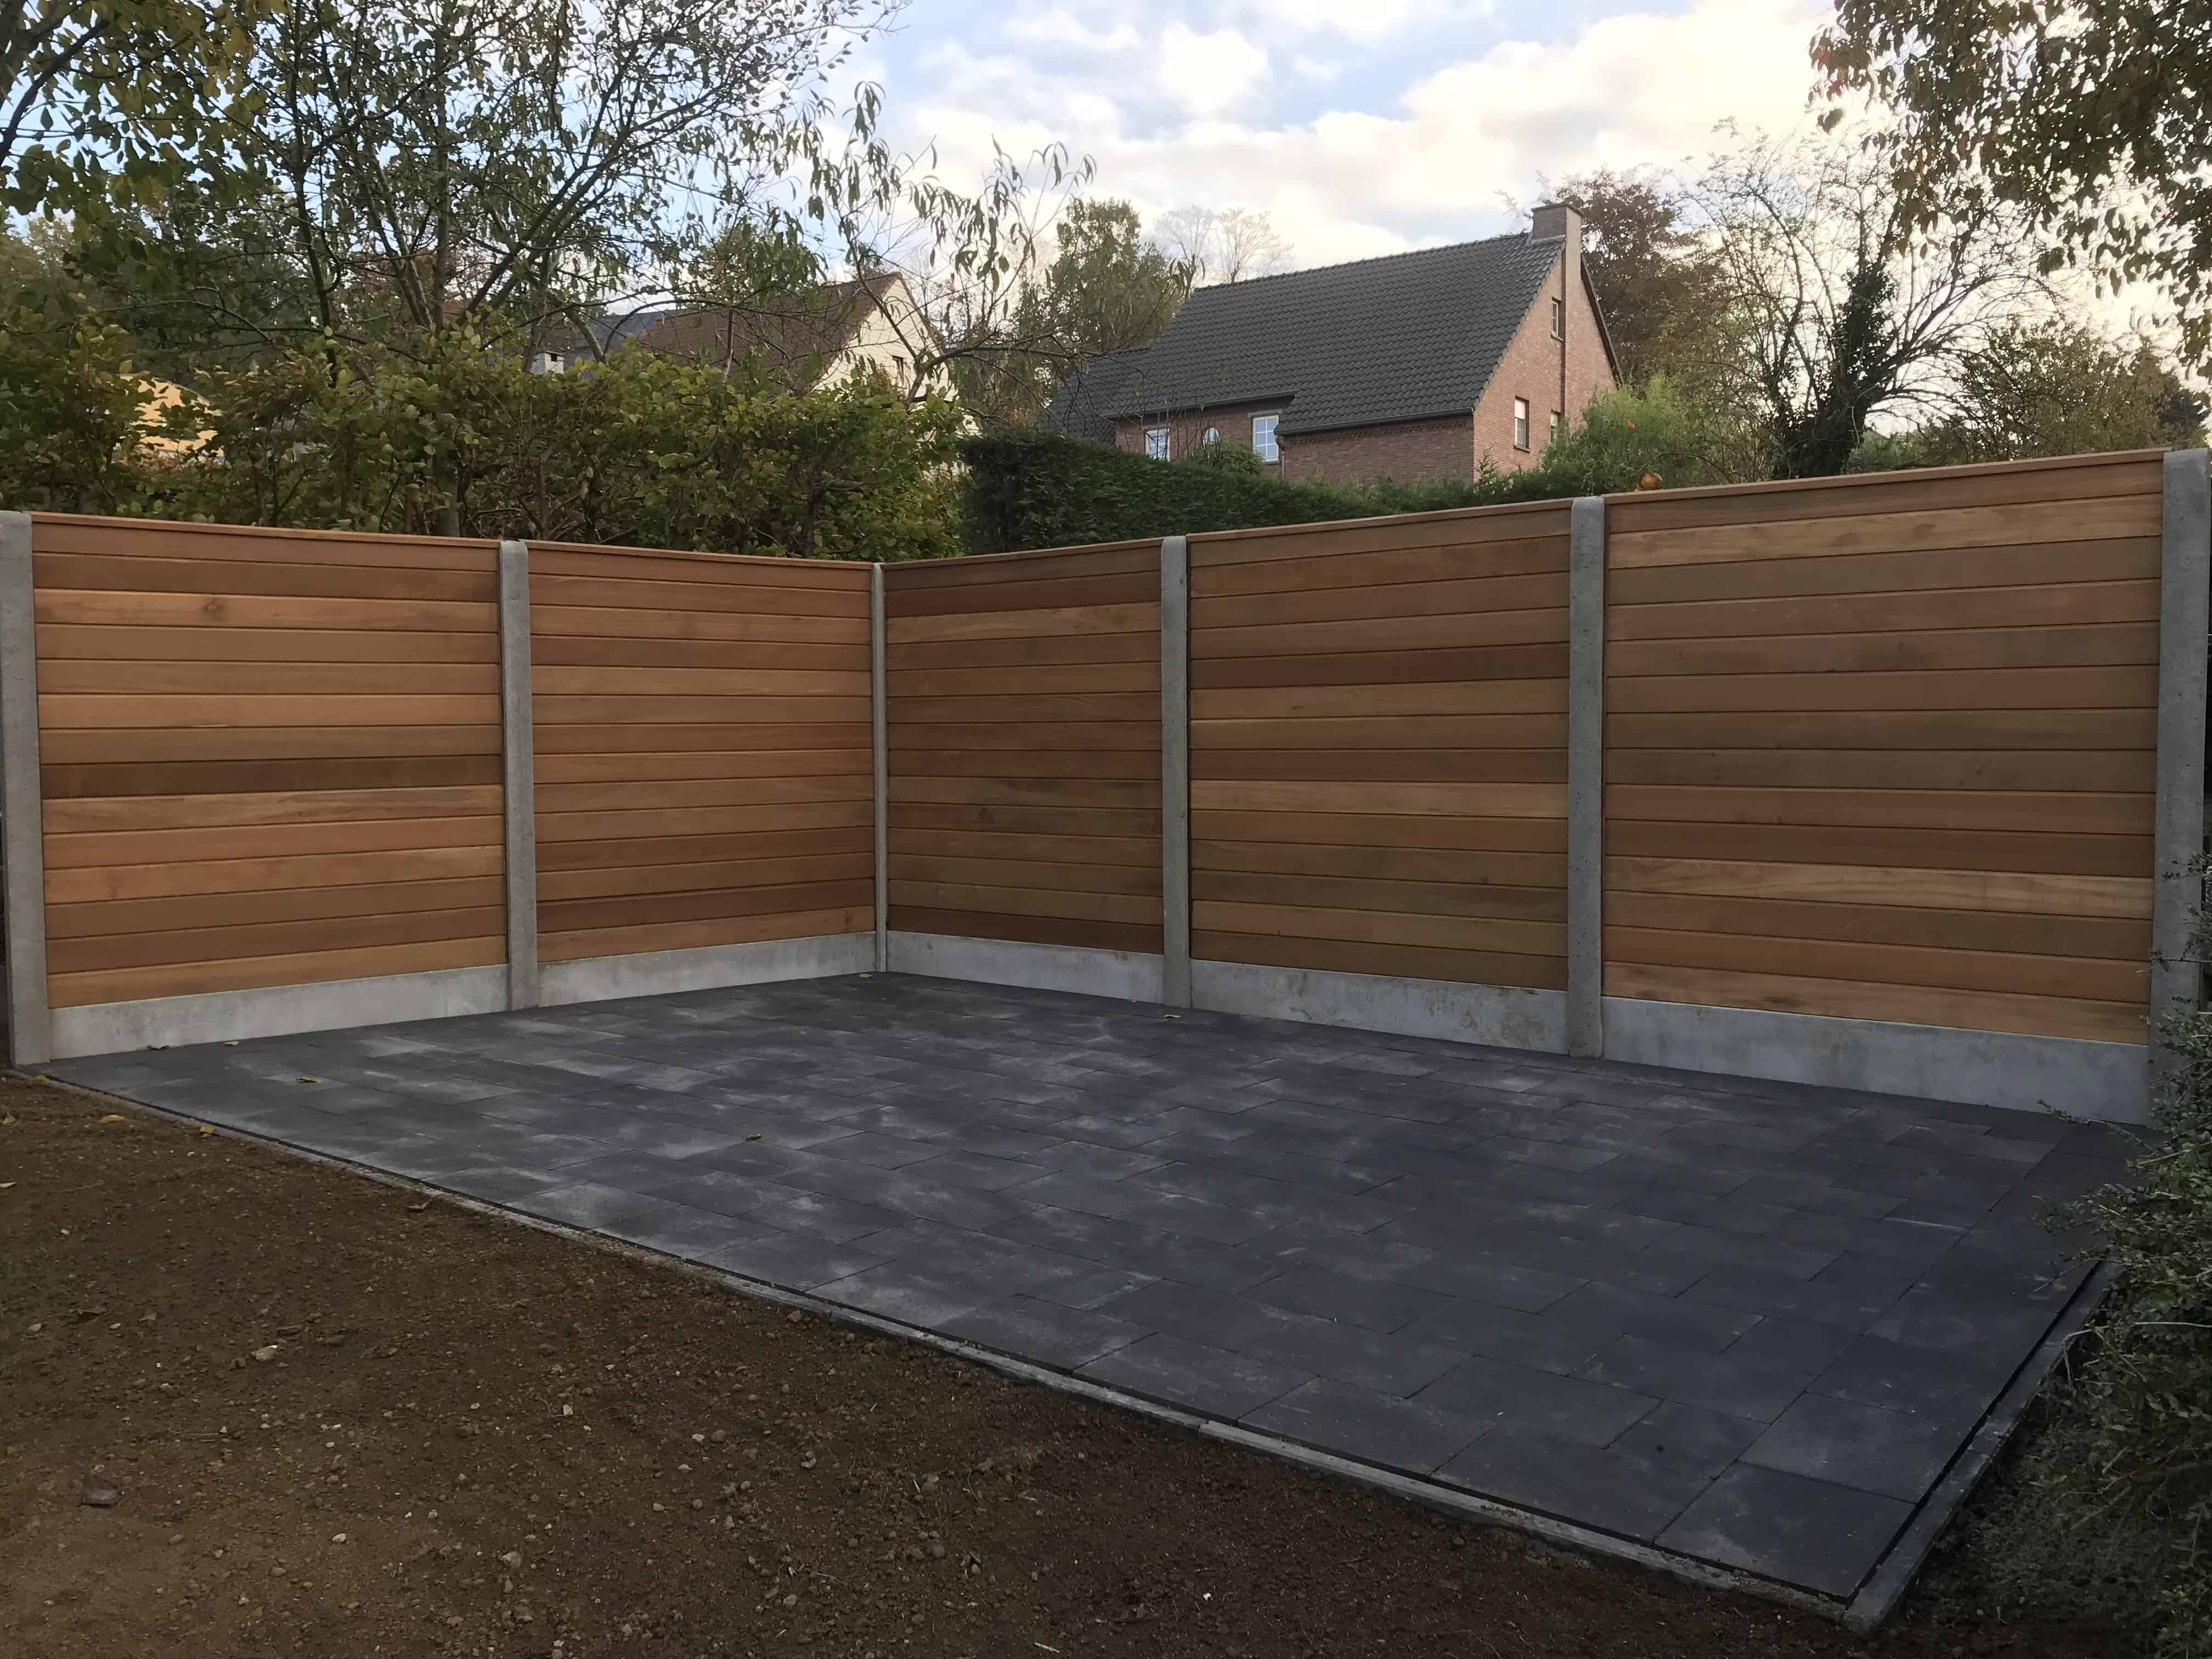 tuinscherm, hardhout, betonplaten en palen, Linden